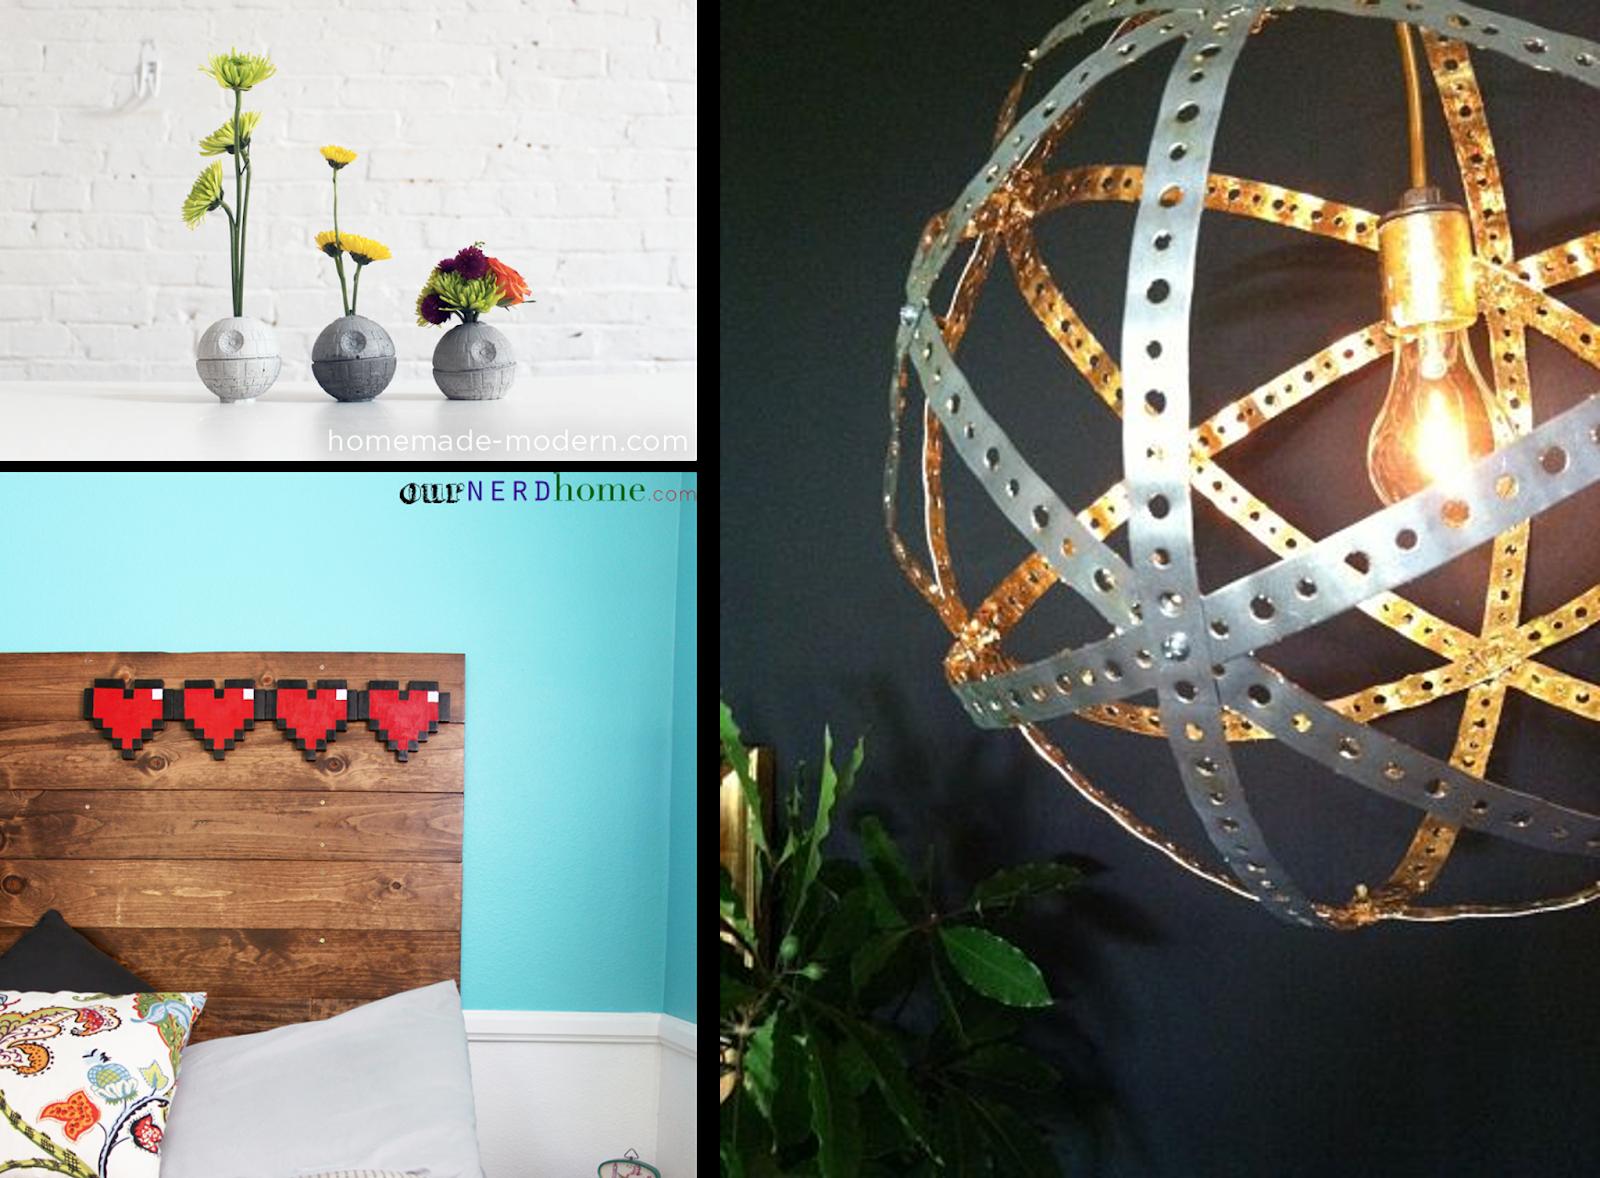 'Subtle Nerdy' Home Decor | Decor, Home decor, Home